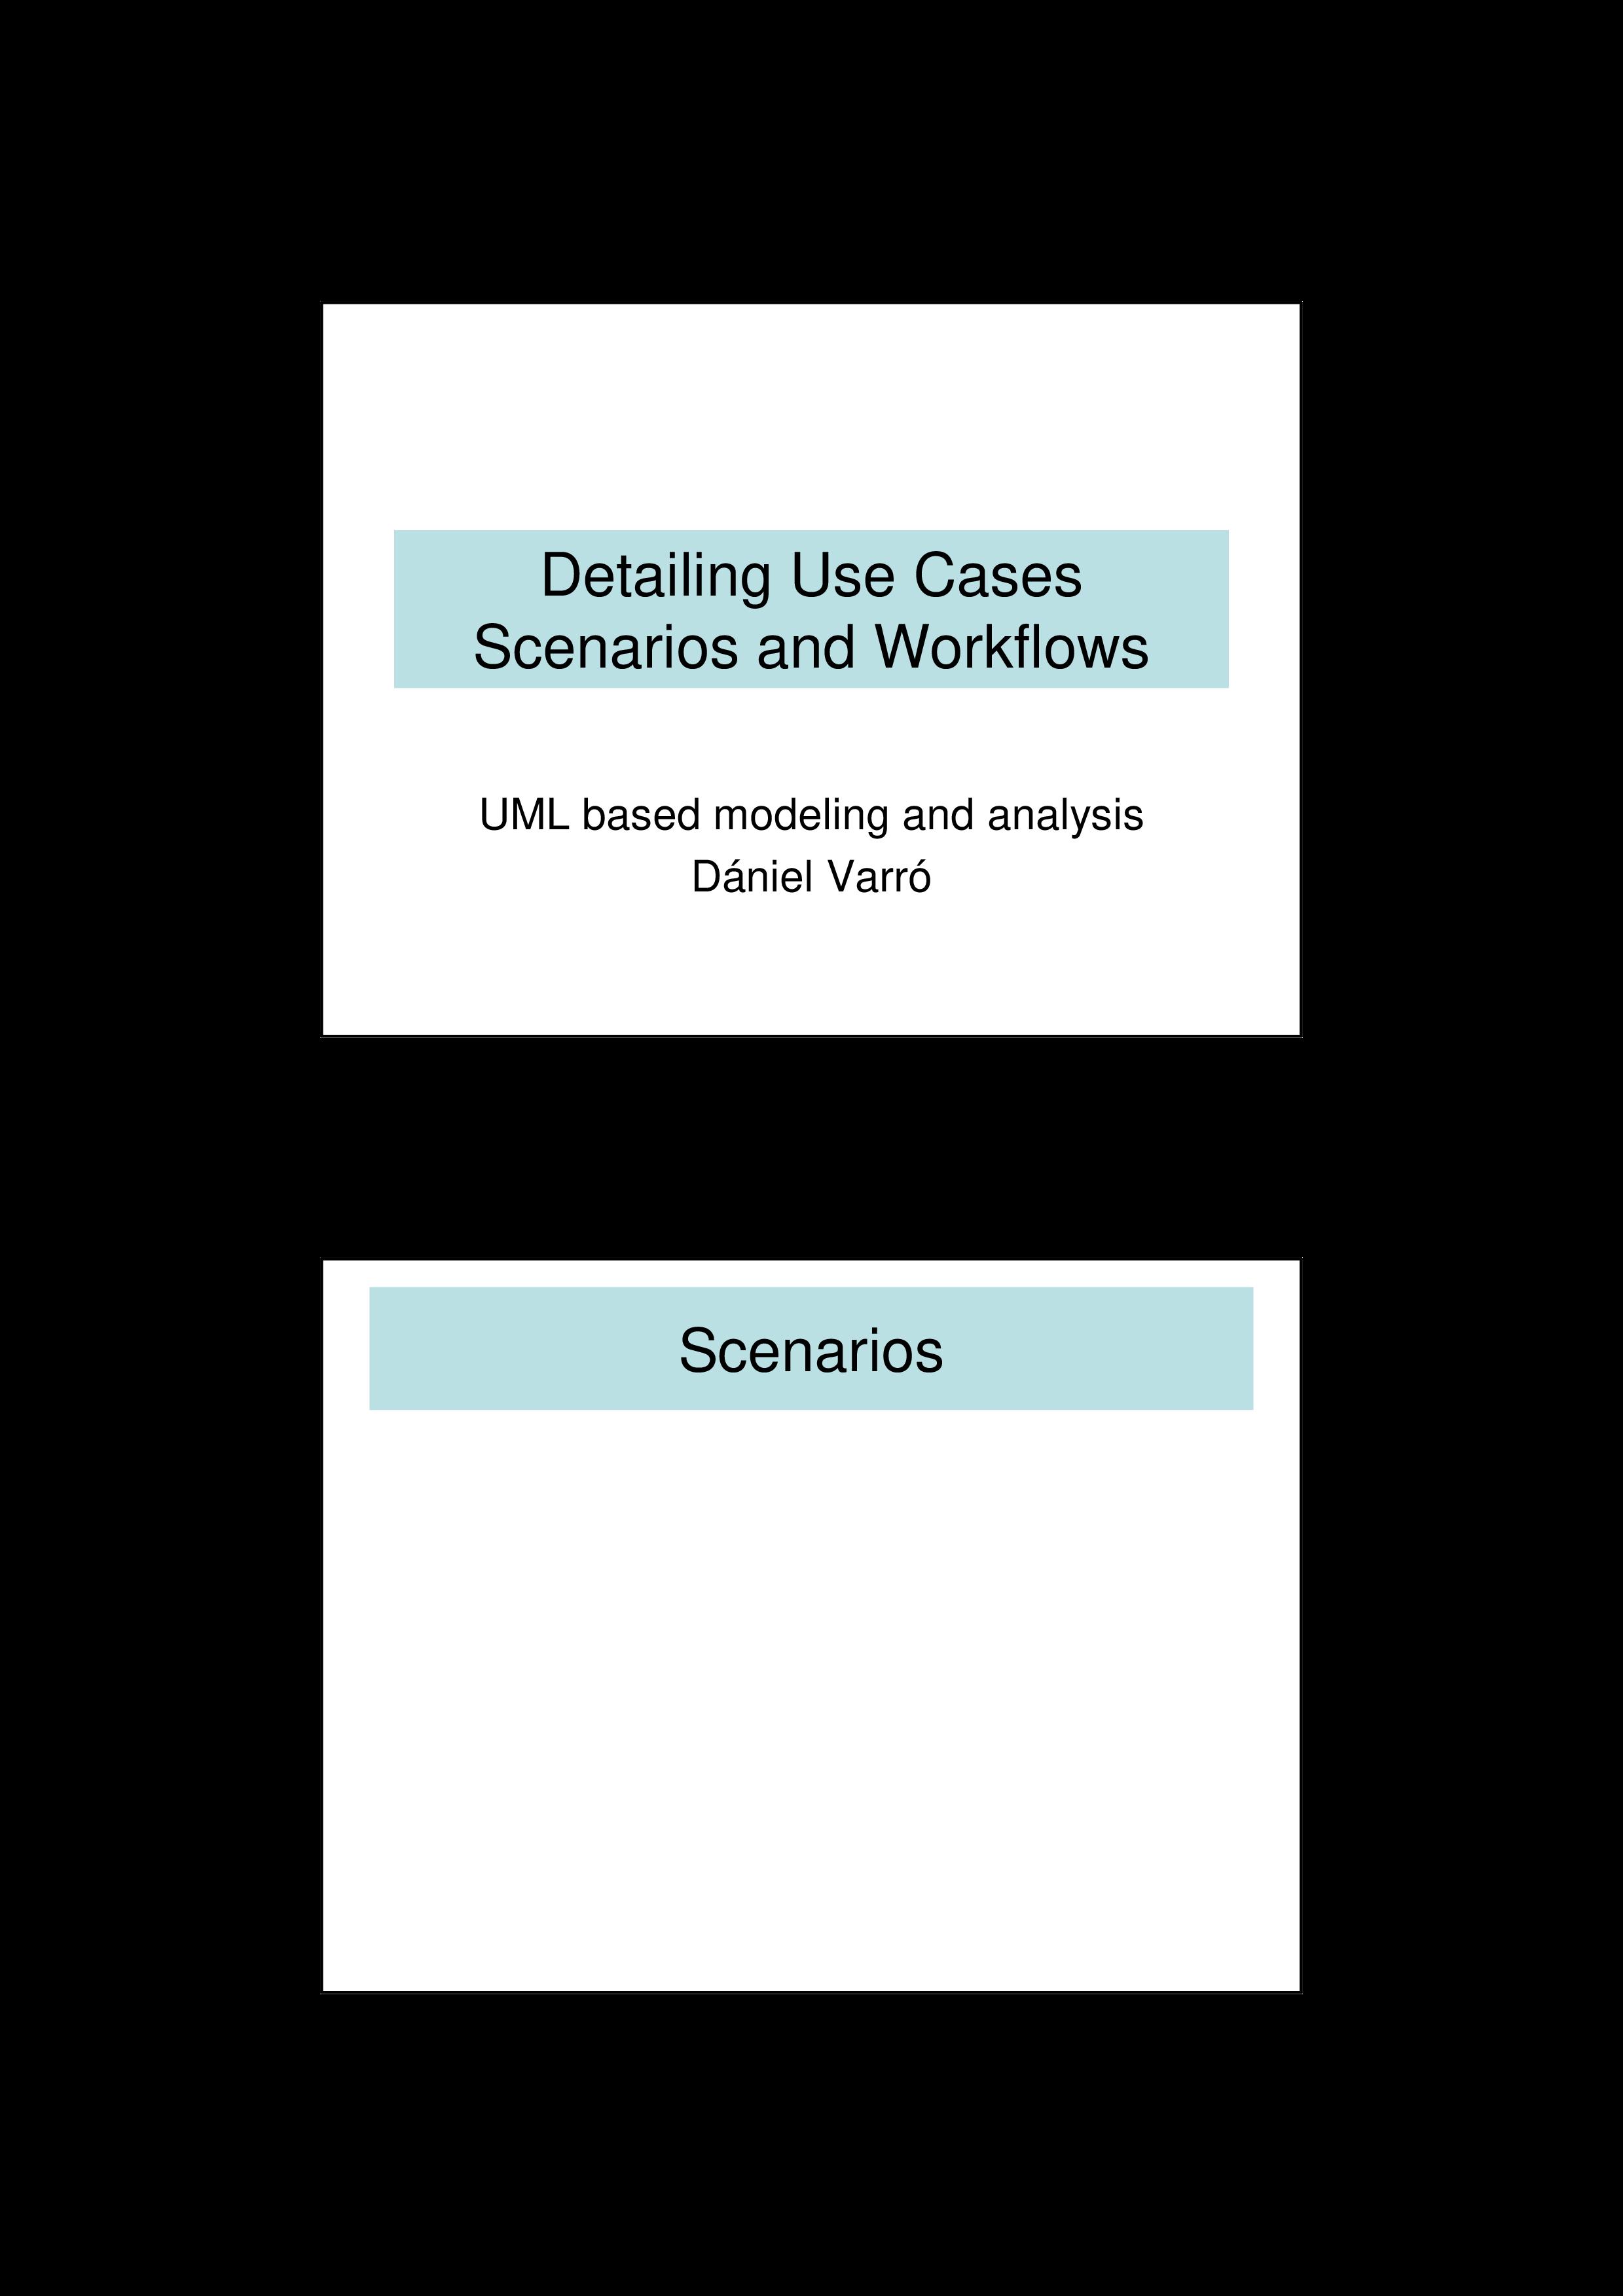 Free Use Case Scenario   Templates at allbusinesstemplates.com